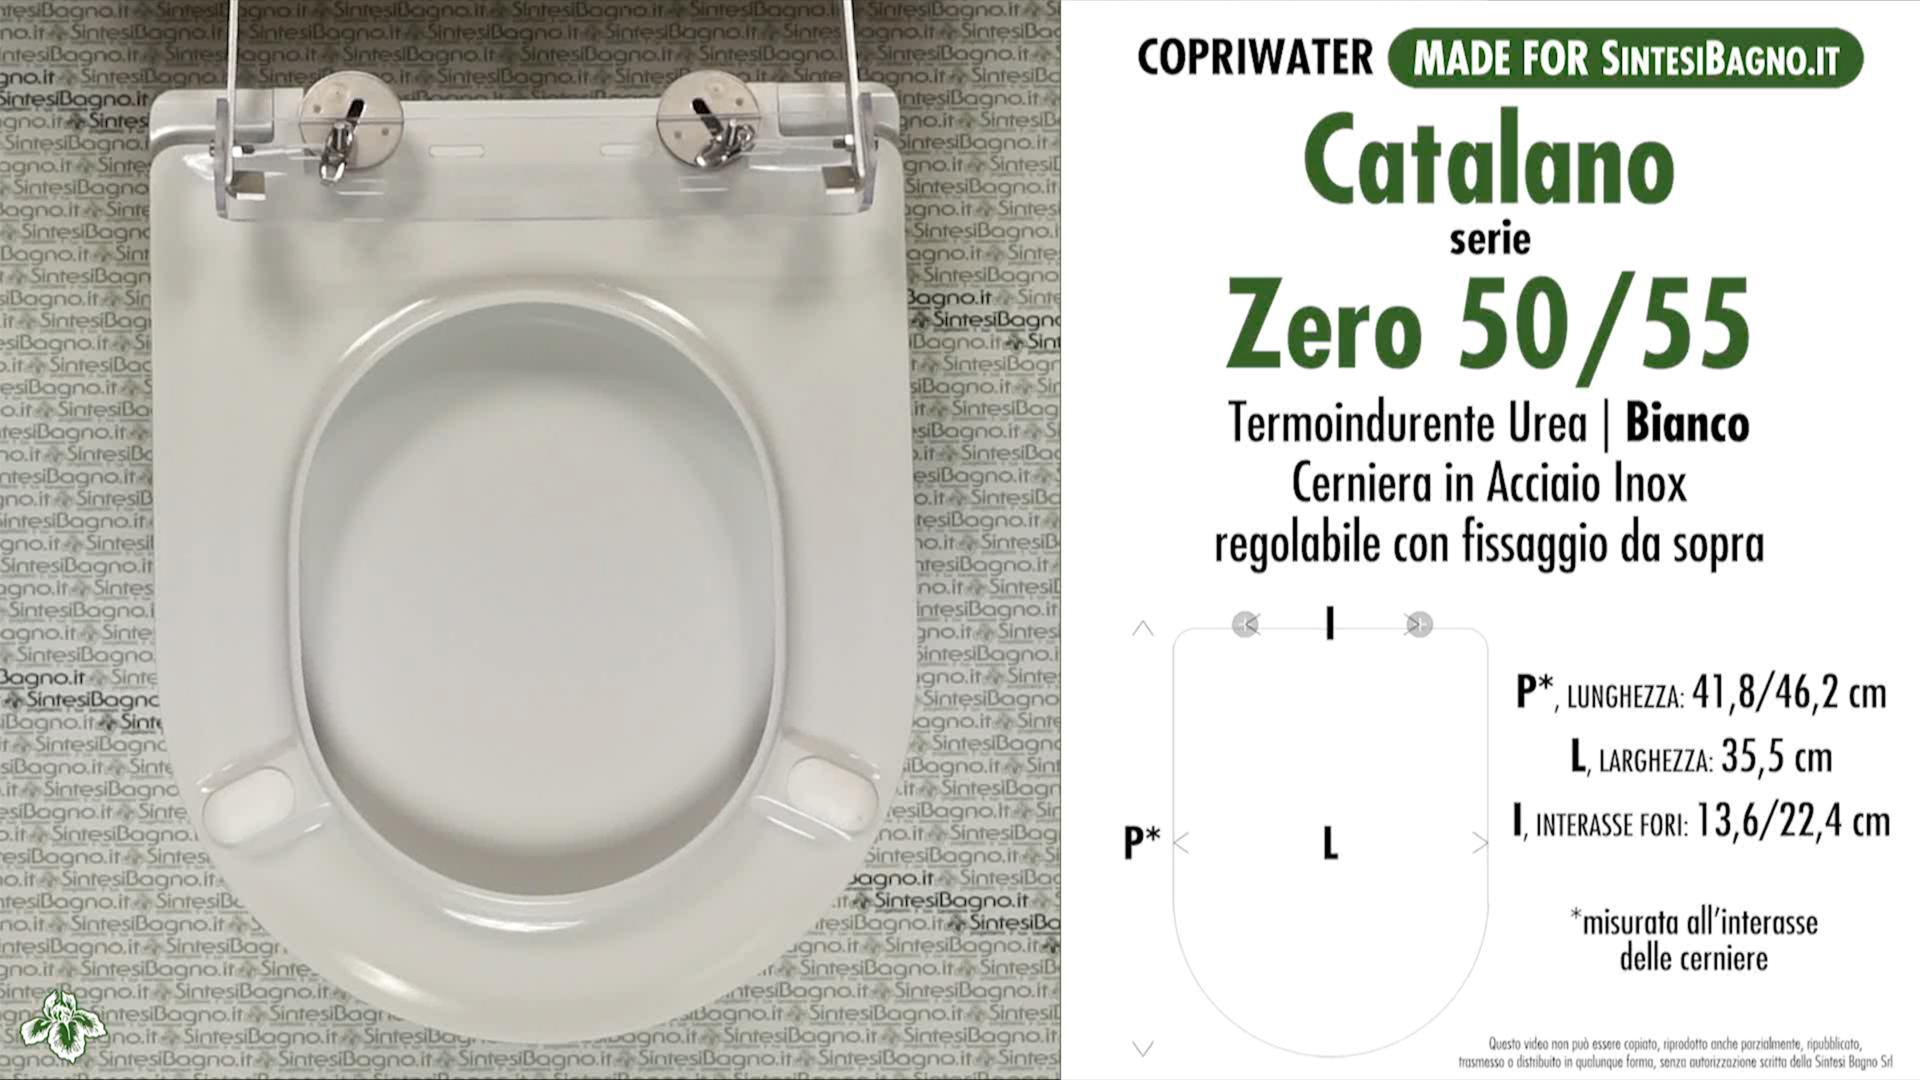 SCHEDA TECNICA MISURE copriwater CATALANO ZERO 50/55/62